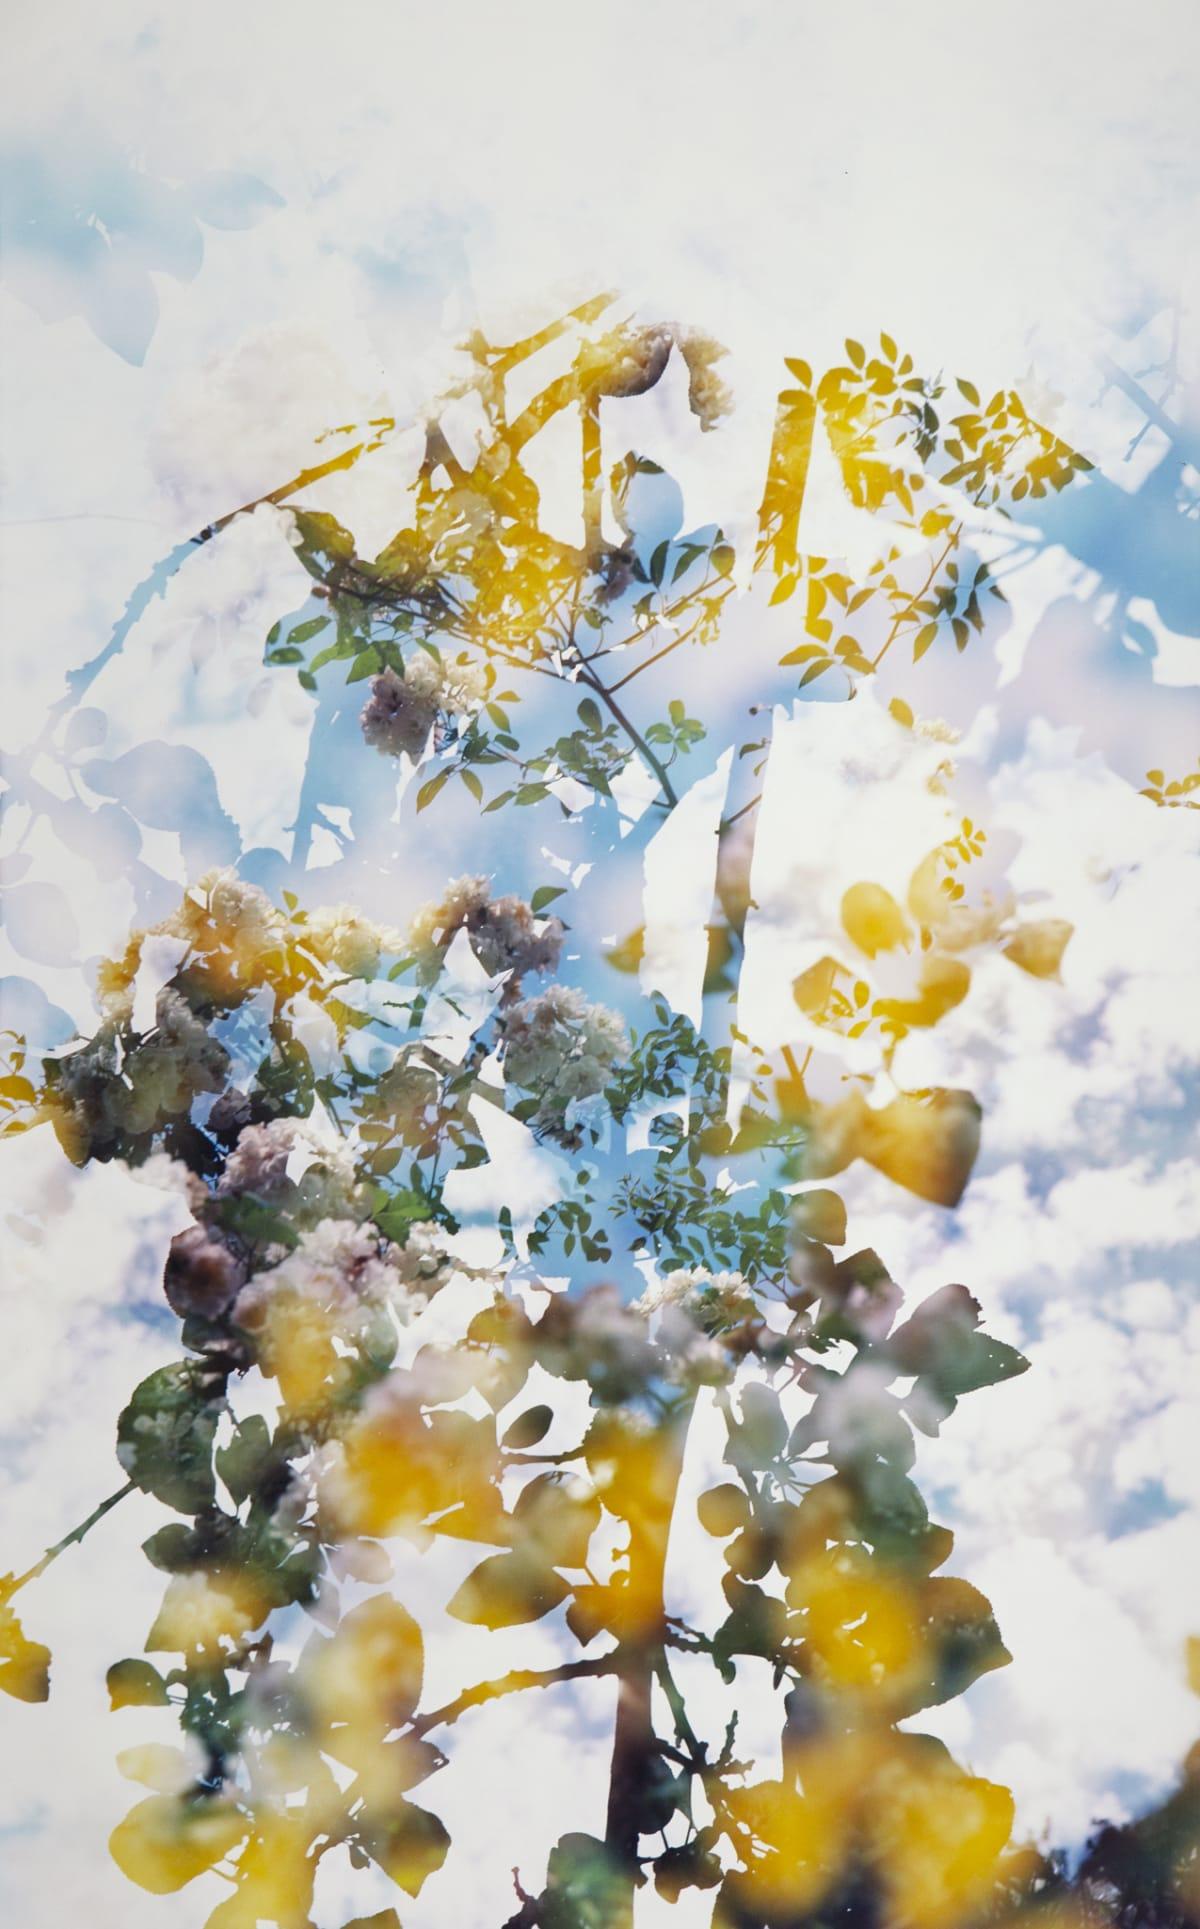 Erle M. Kyllingmark, Untitled Journey #12, 2018